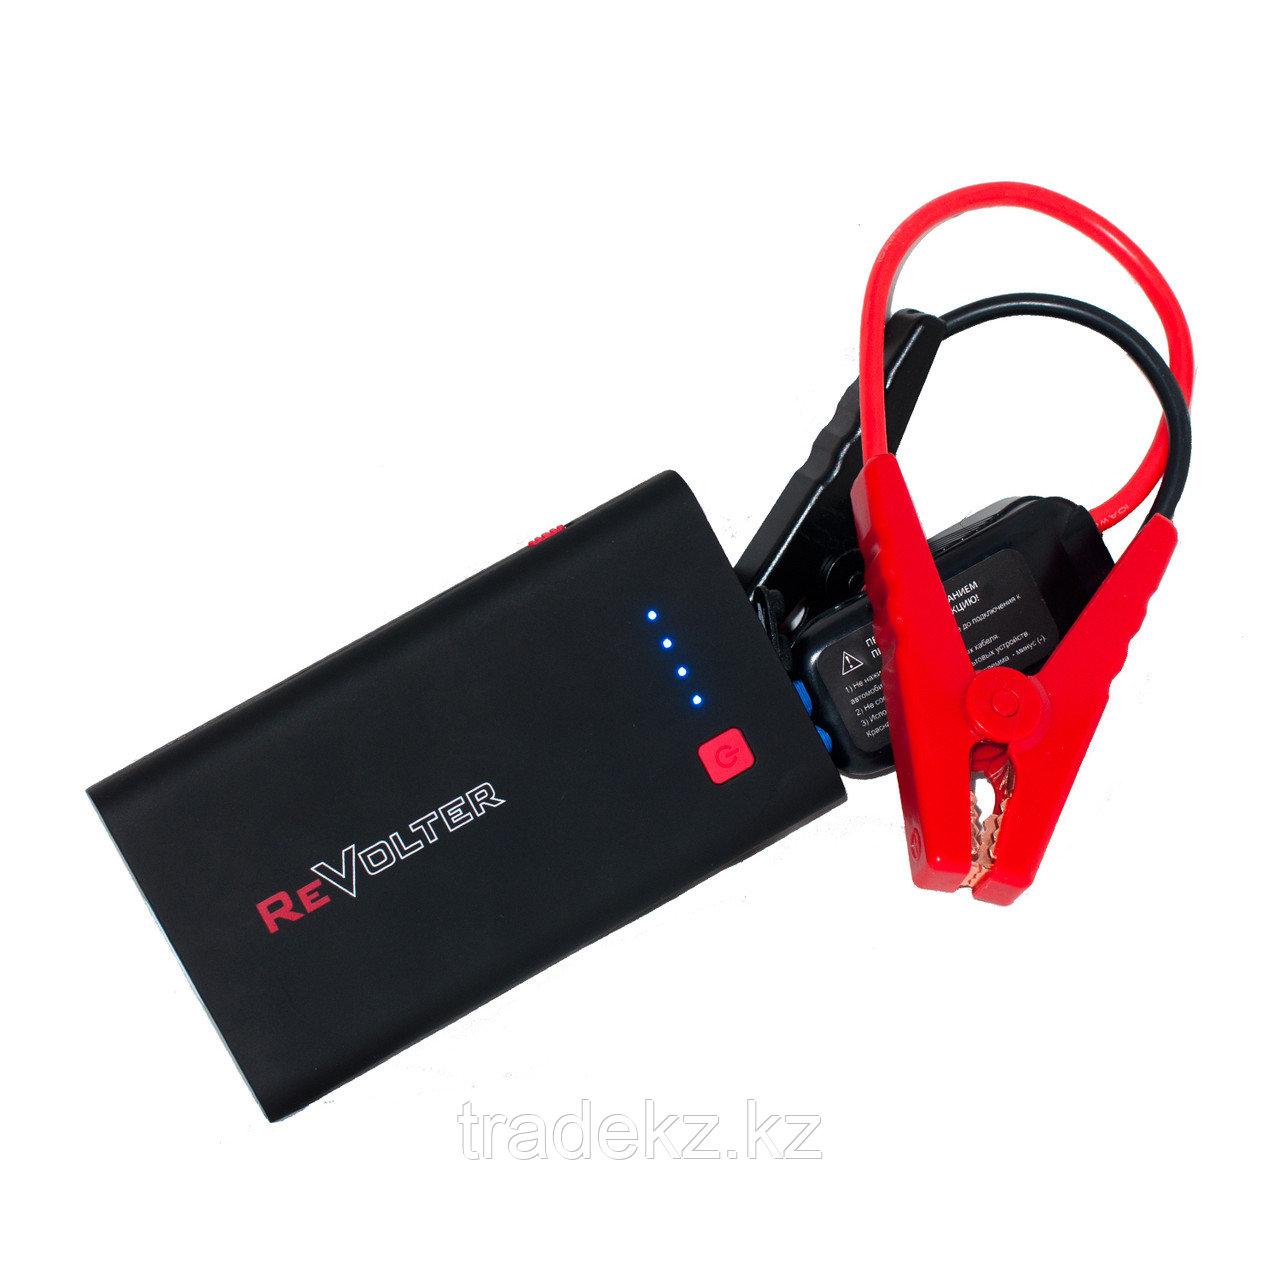 Пуско-зарядное устройство Revolter Ultra, емкость 8 000 мАч